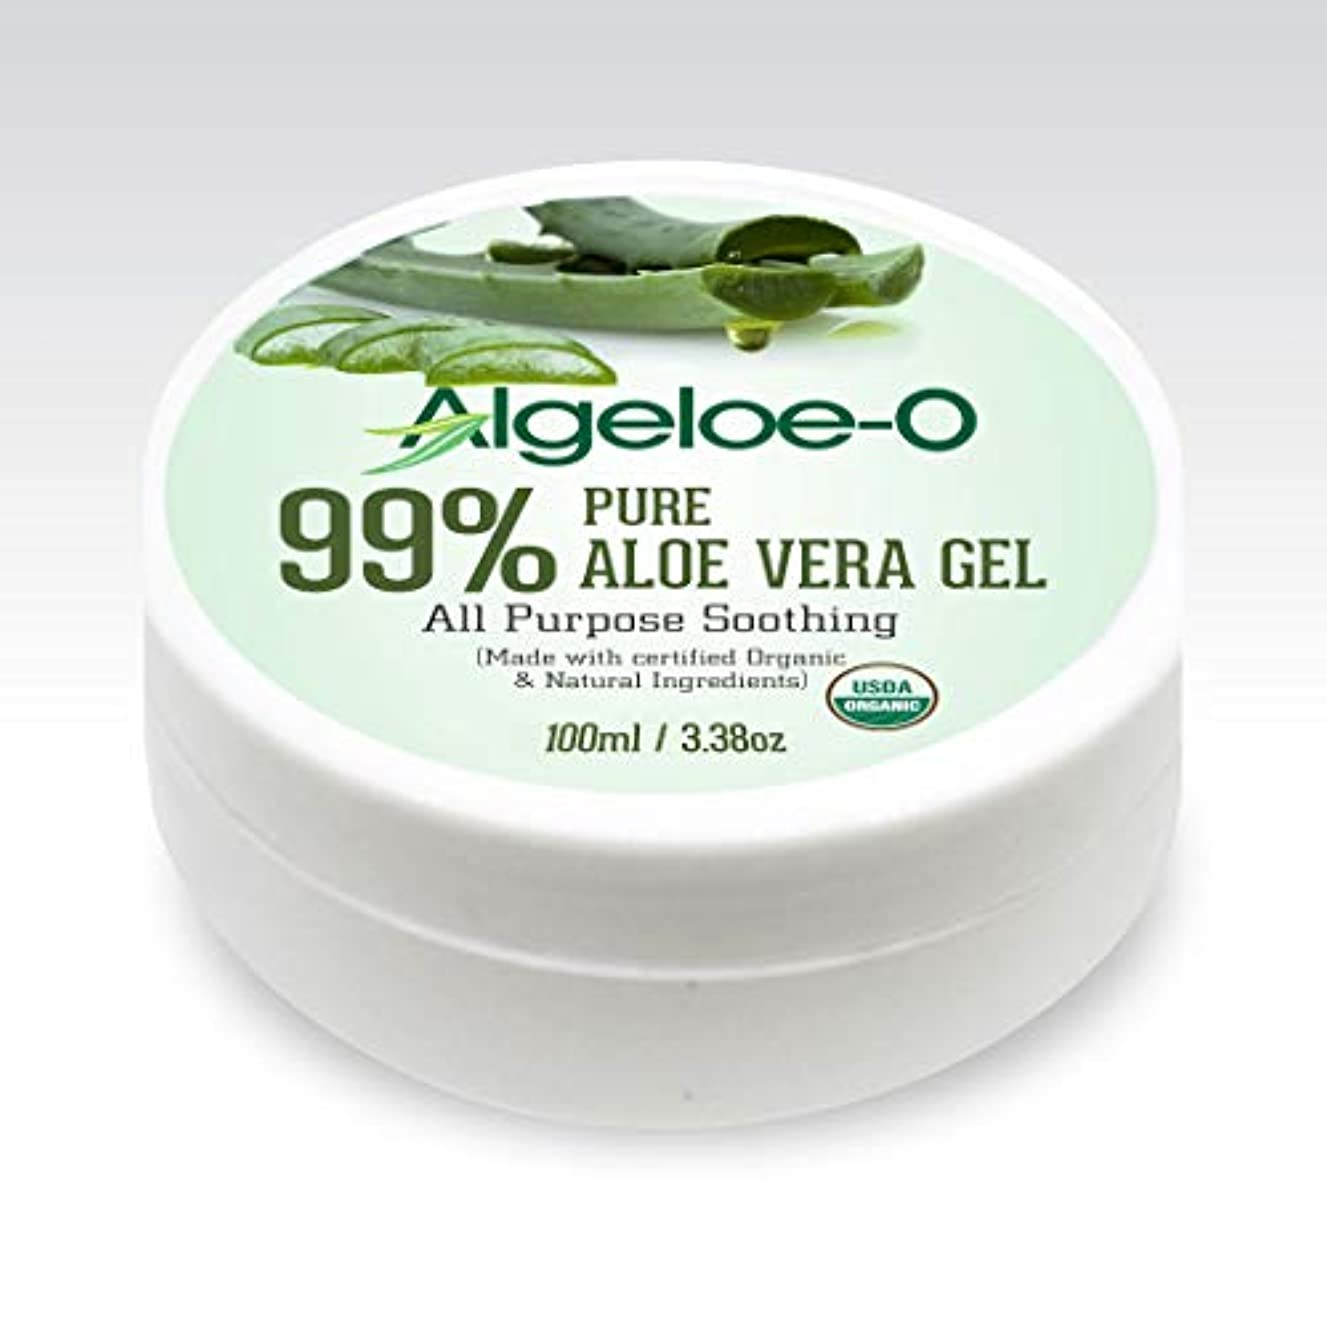 アプト根拠マッシュAlgeloe-O  Organic Aloe Vera Gel 99% Pure Natural made with USDA Certified Aloe Vera Powder Paraben, sulfate free...